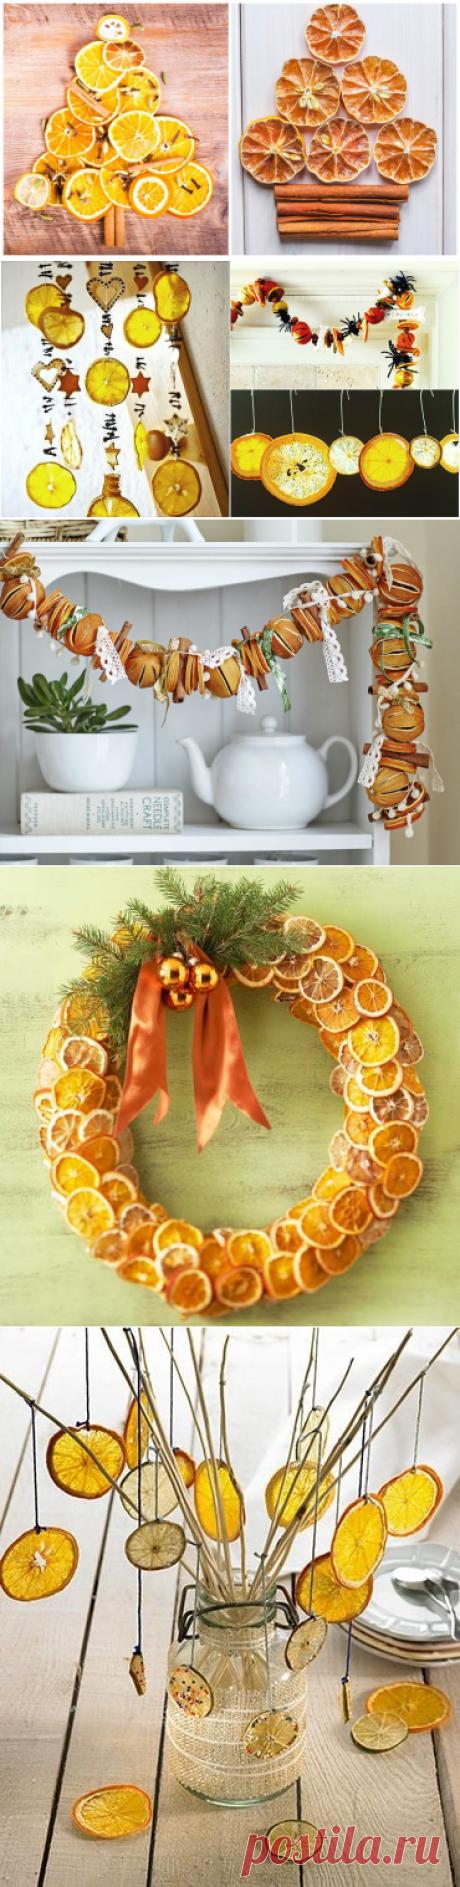 Идеи цитрусового декора — Сделай сам, идеи для творчества - DIY Ideas